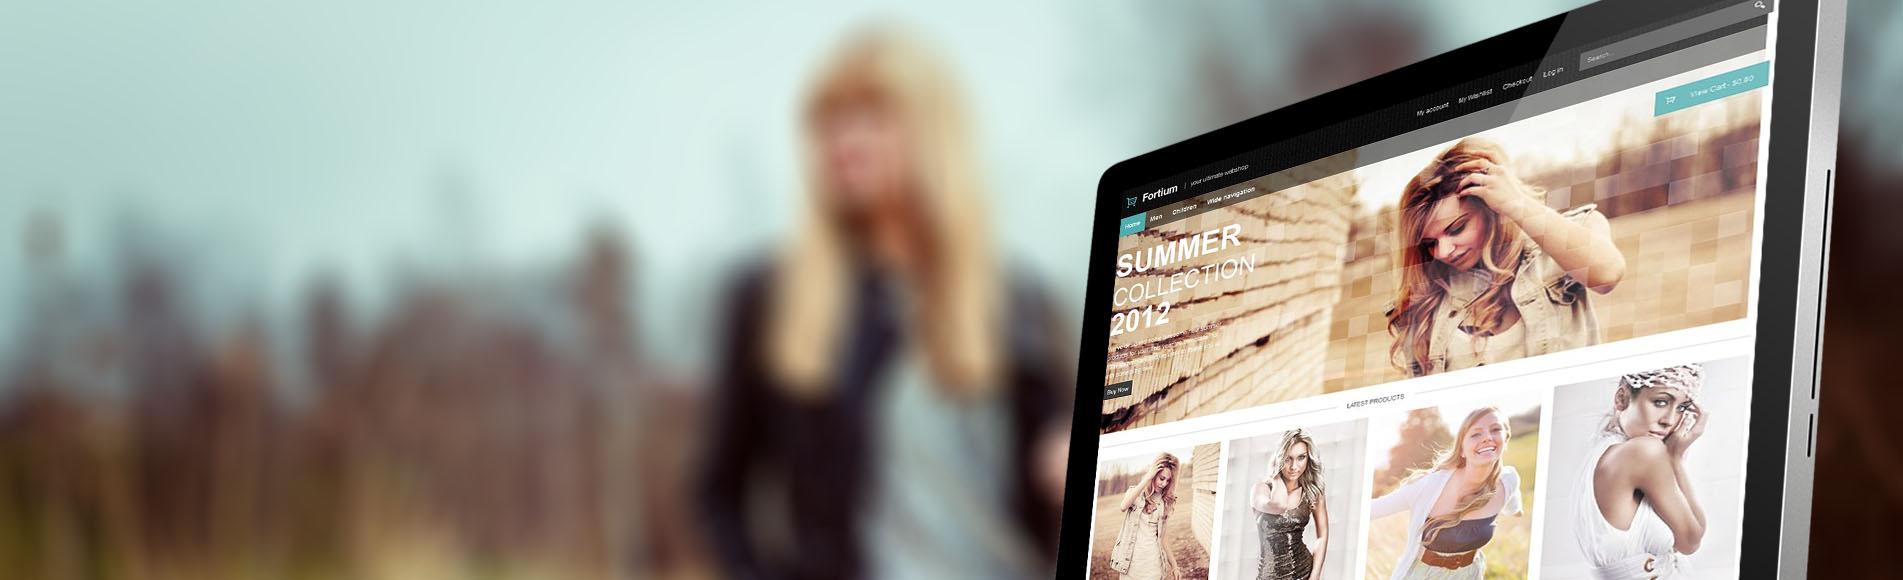 shopware_header_2